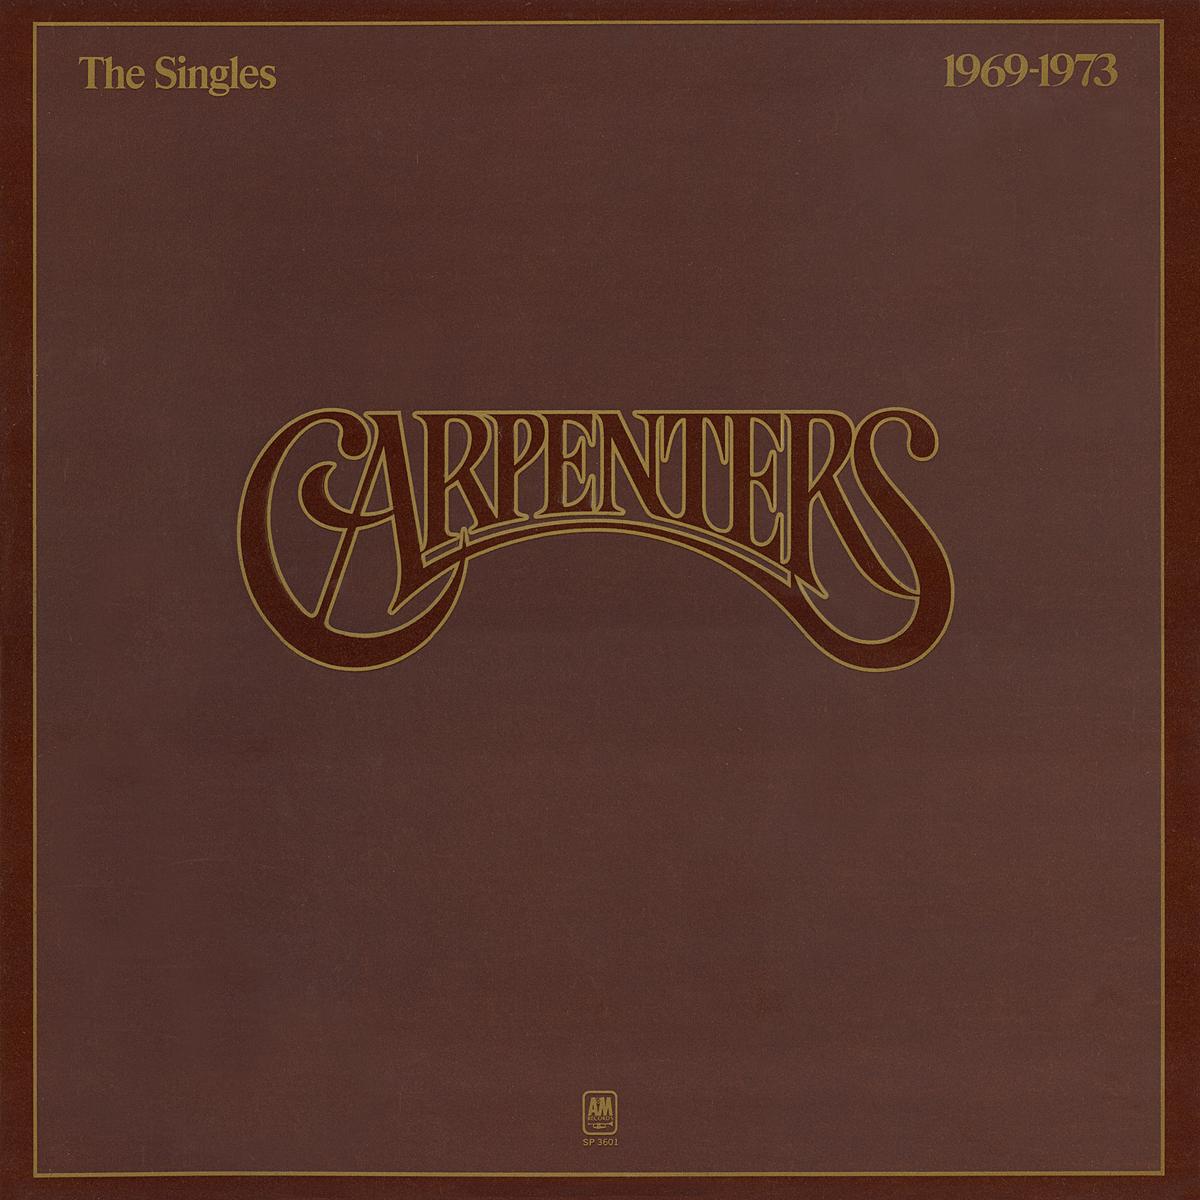 Carpenters 50th - Disqus